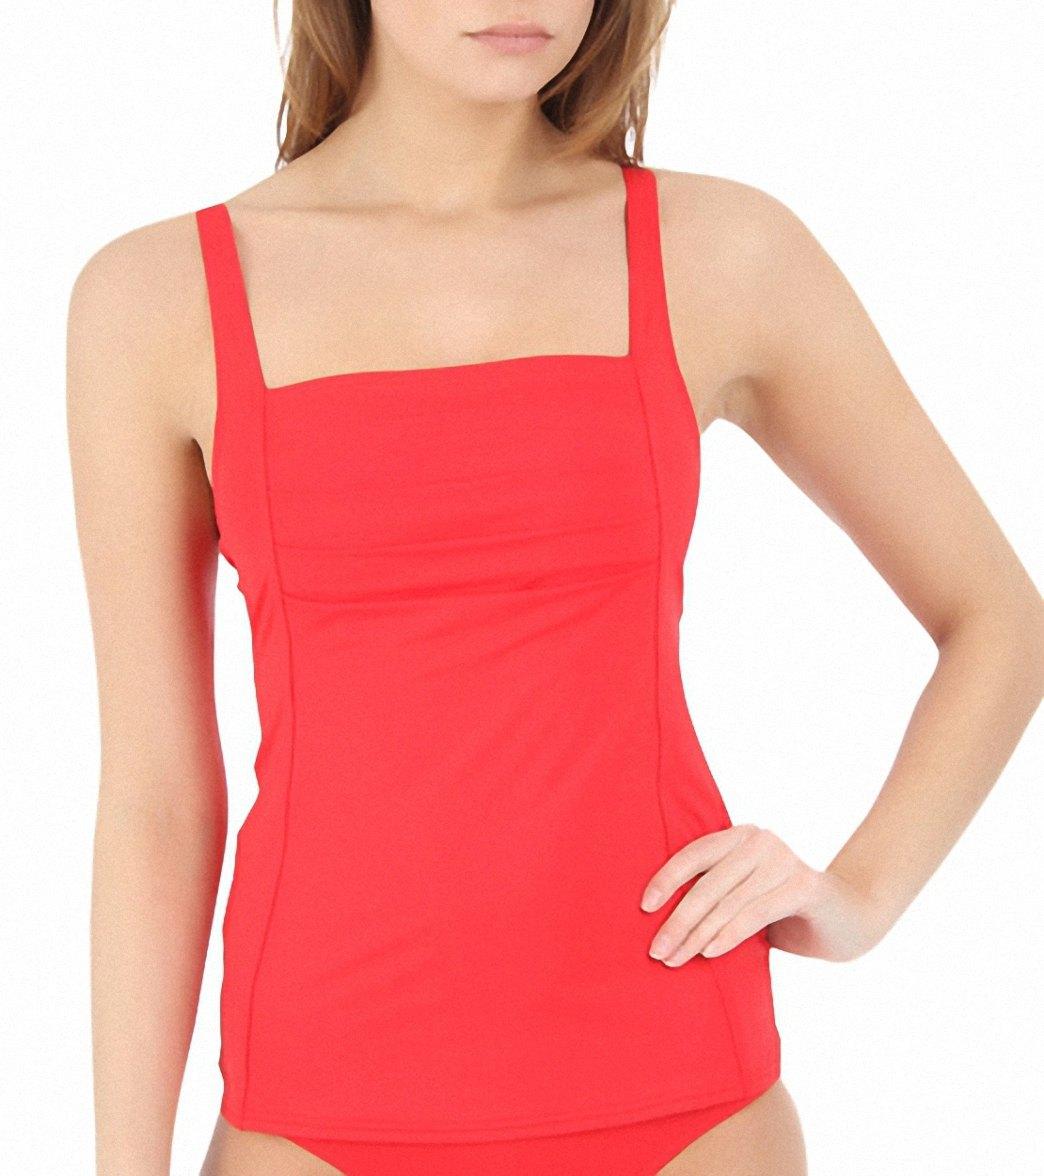 0383fa4f2cb36 Calvin Klein Women's Pleat Tankini Top at SwimOutlet.com - Free ...